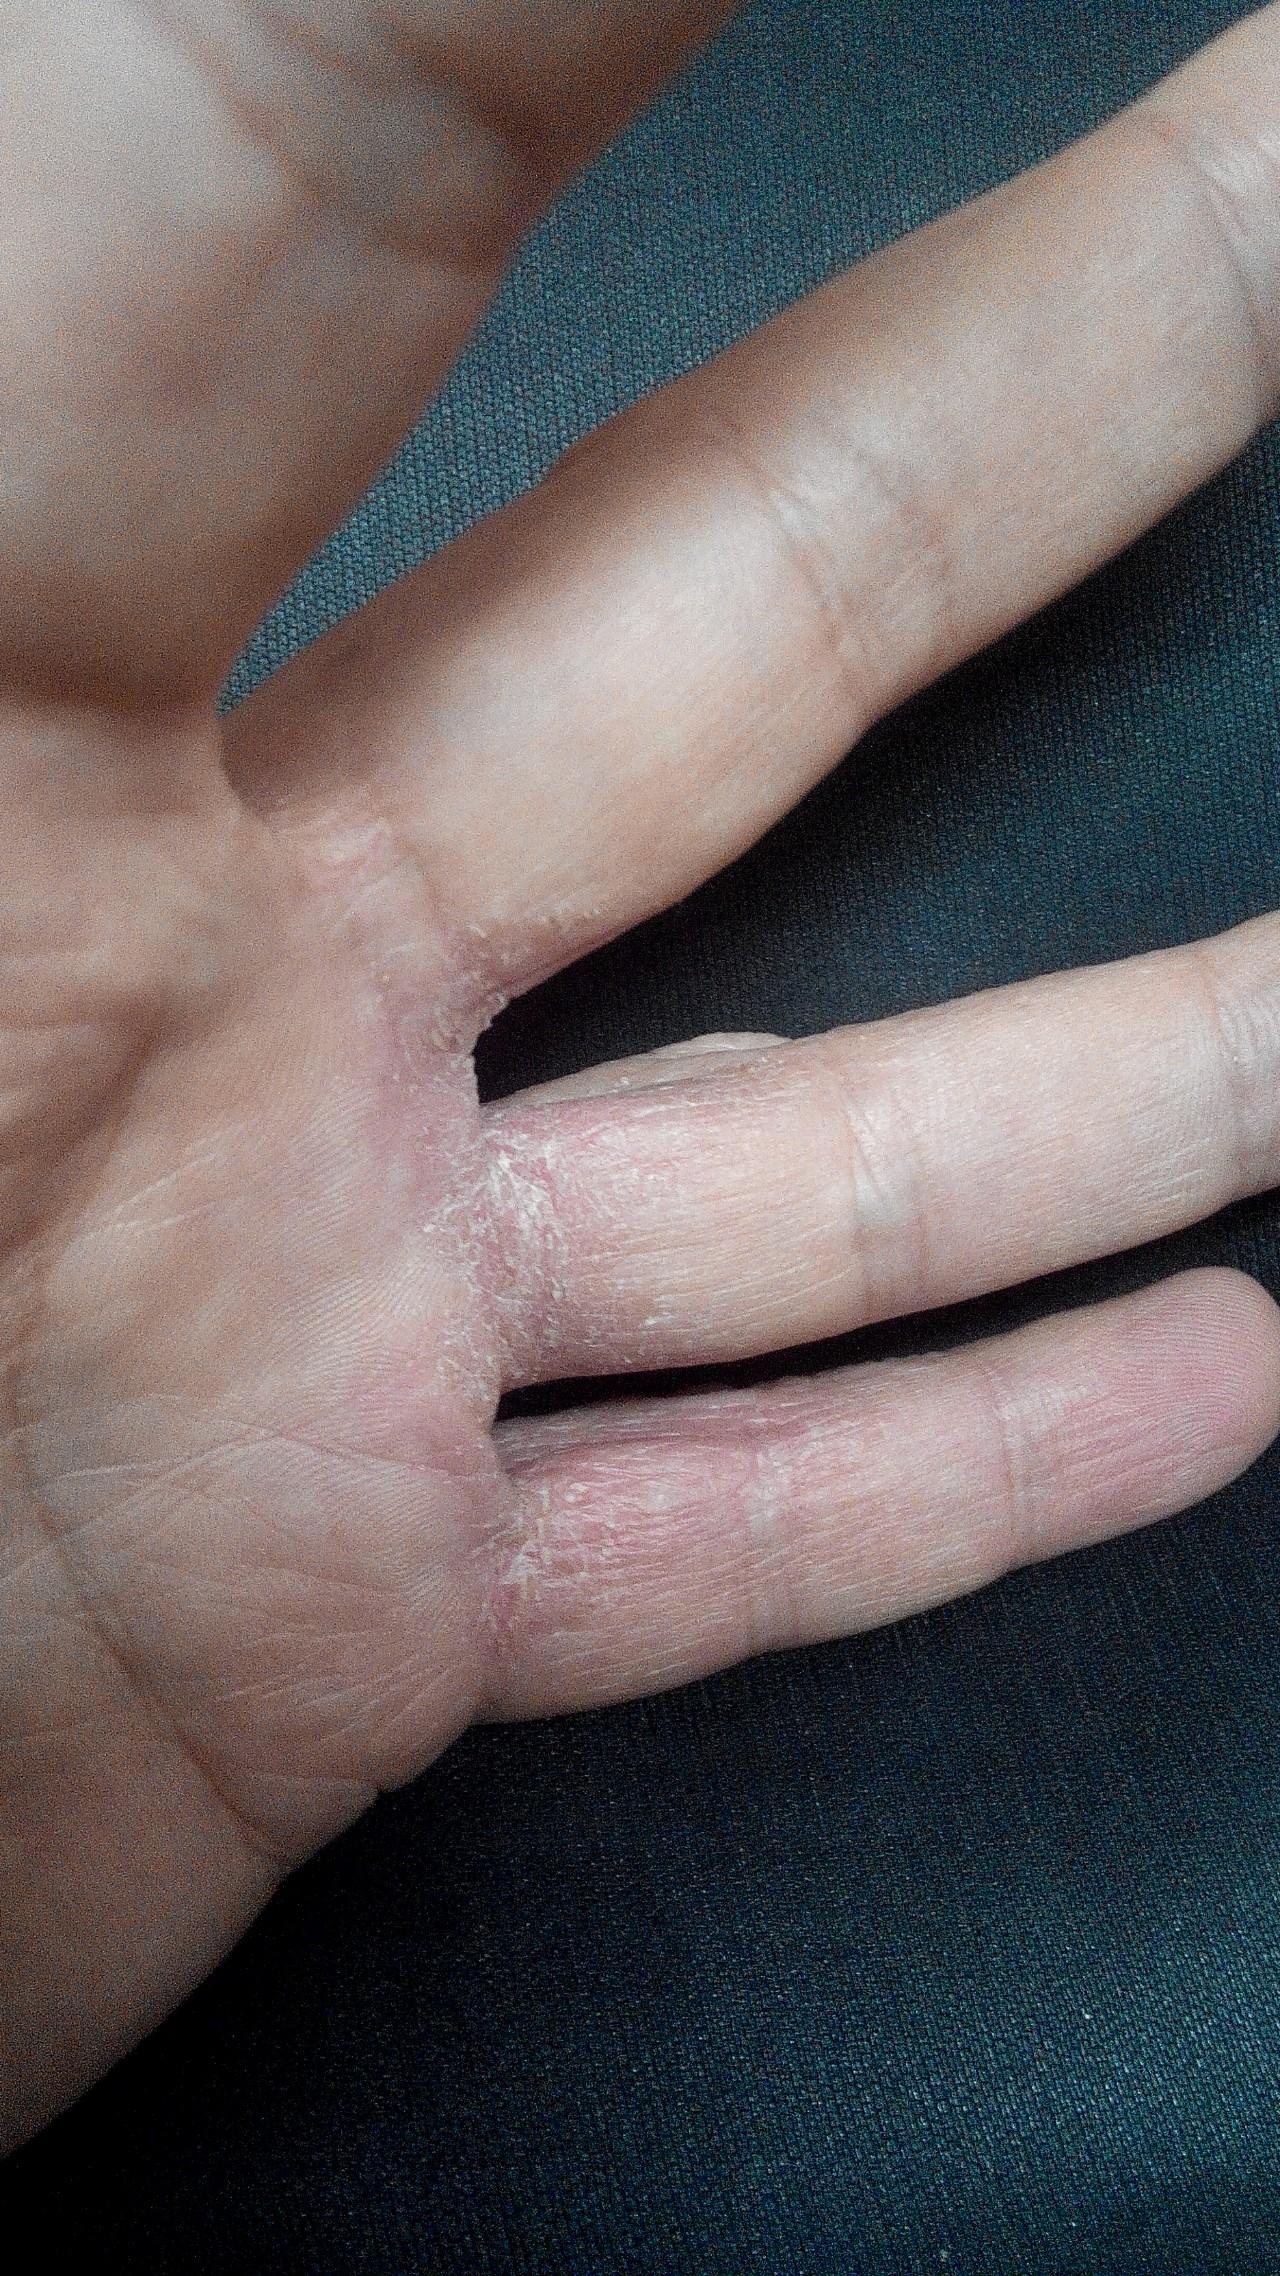 Между пальцами чешется и шелушится